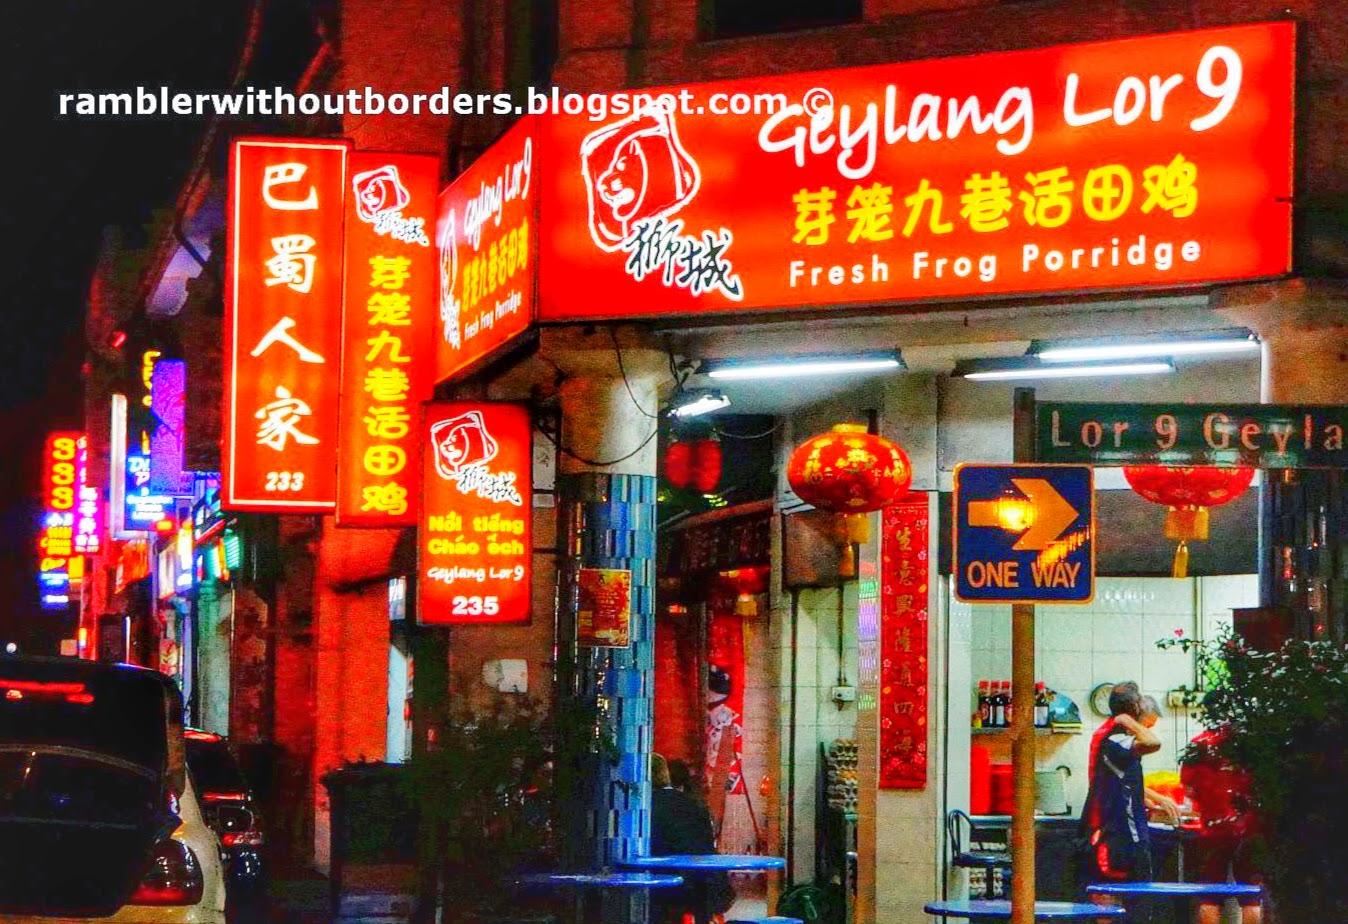 Lor 9 Forg Porridge, Geylang, Singapore